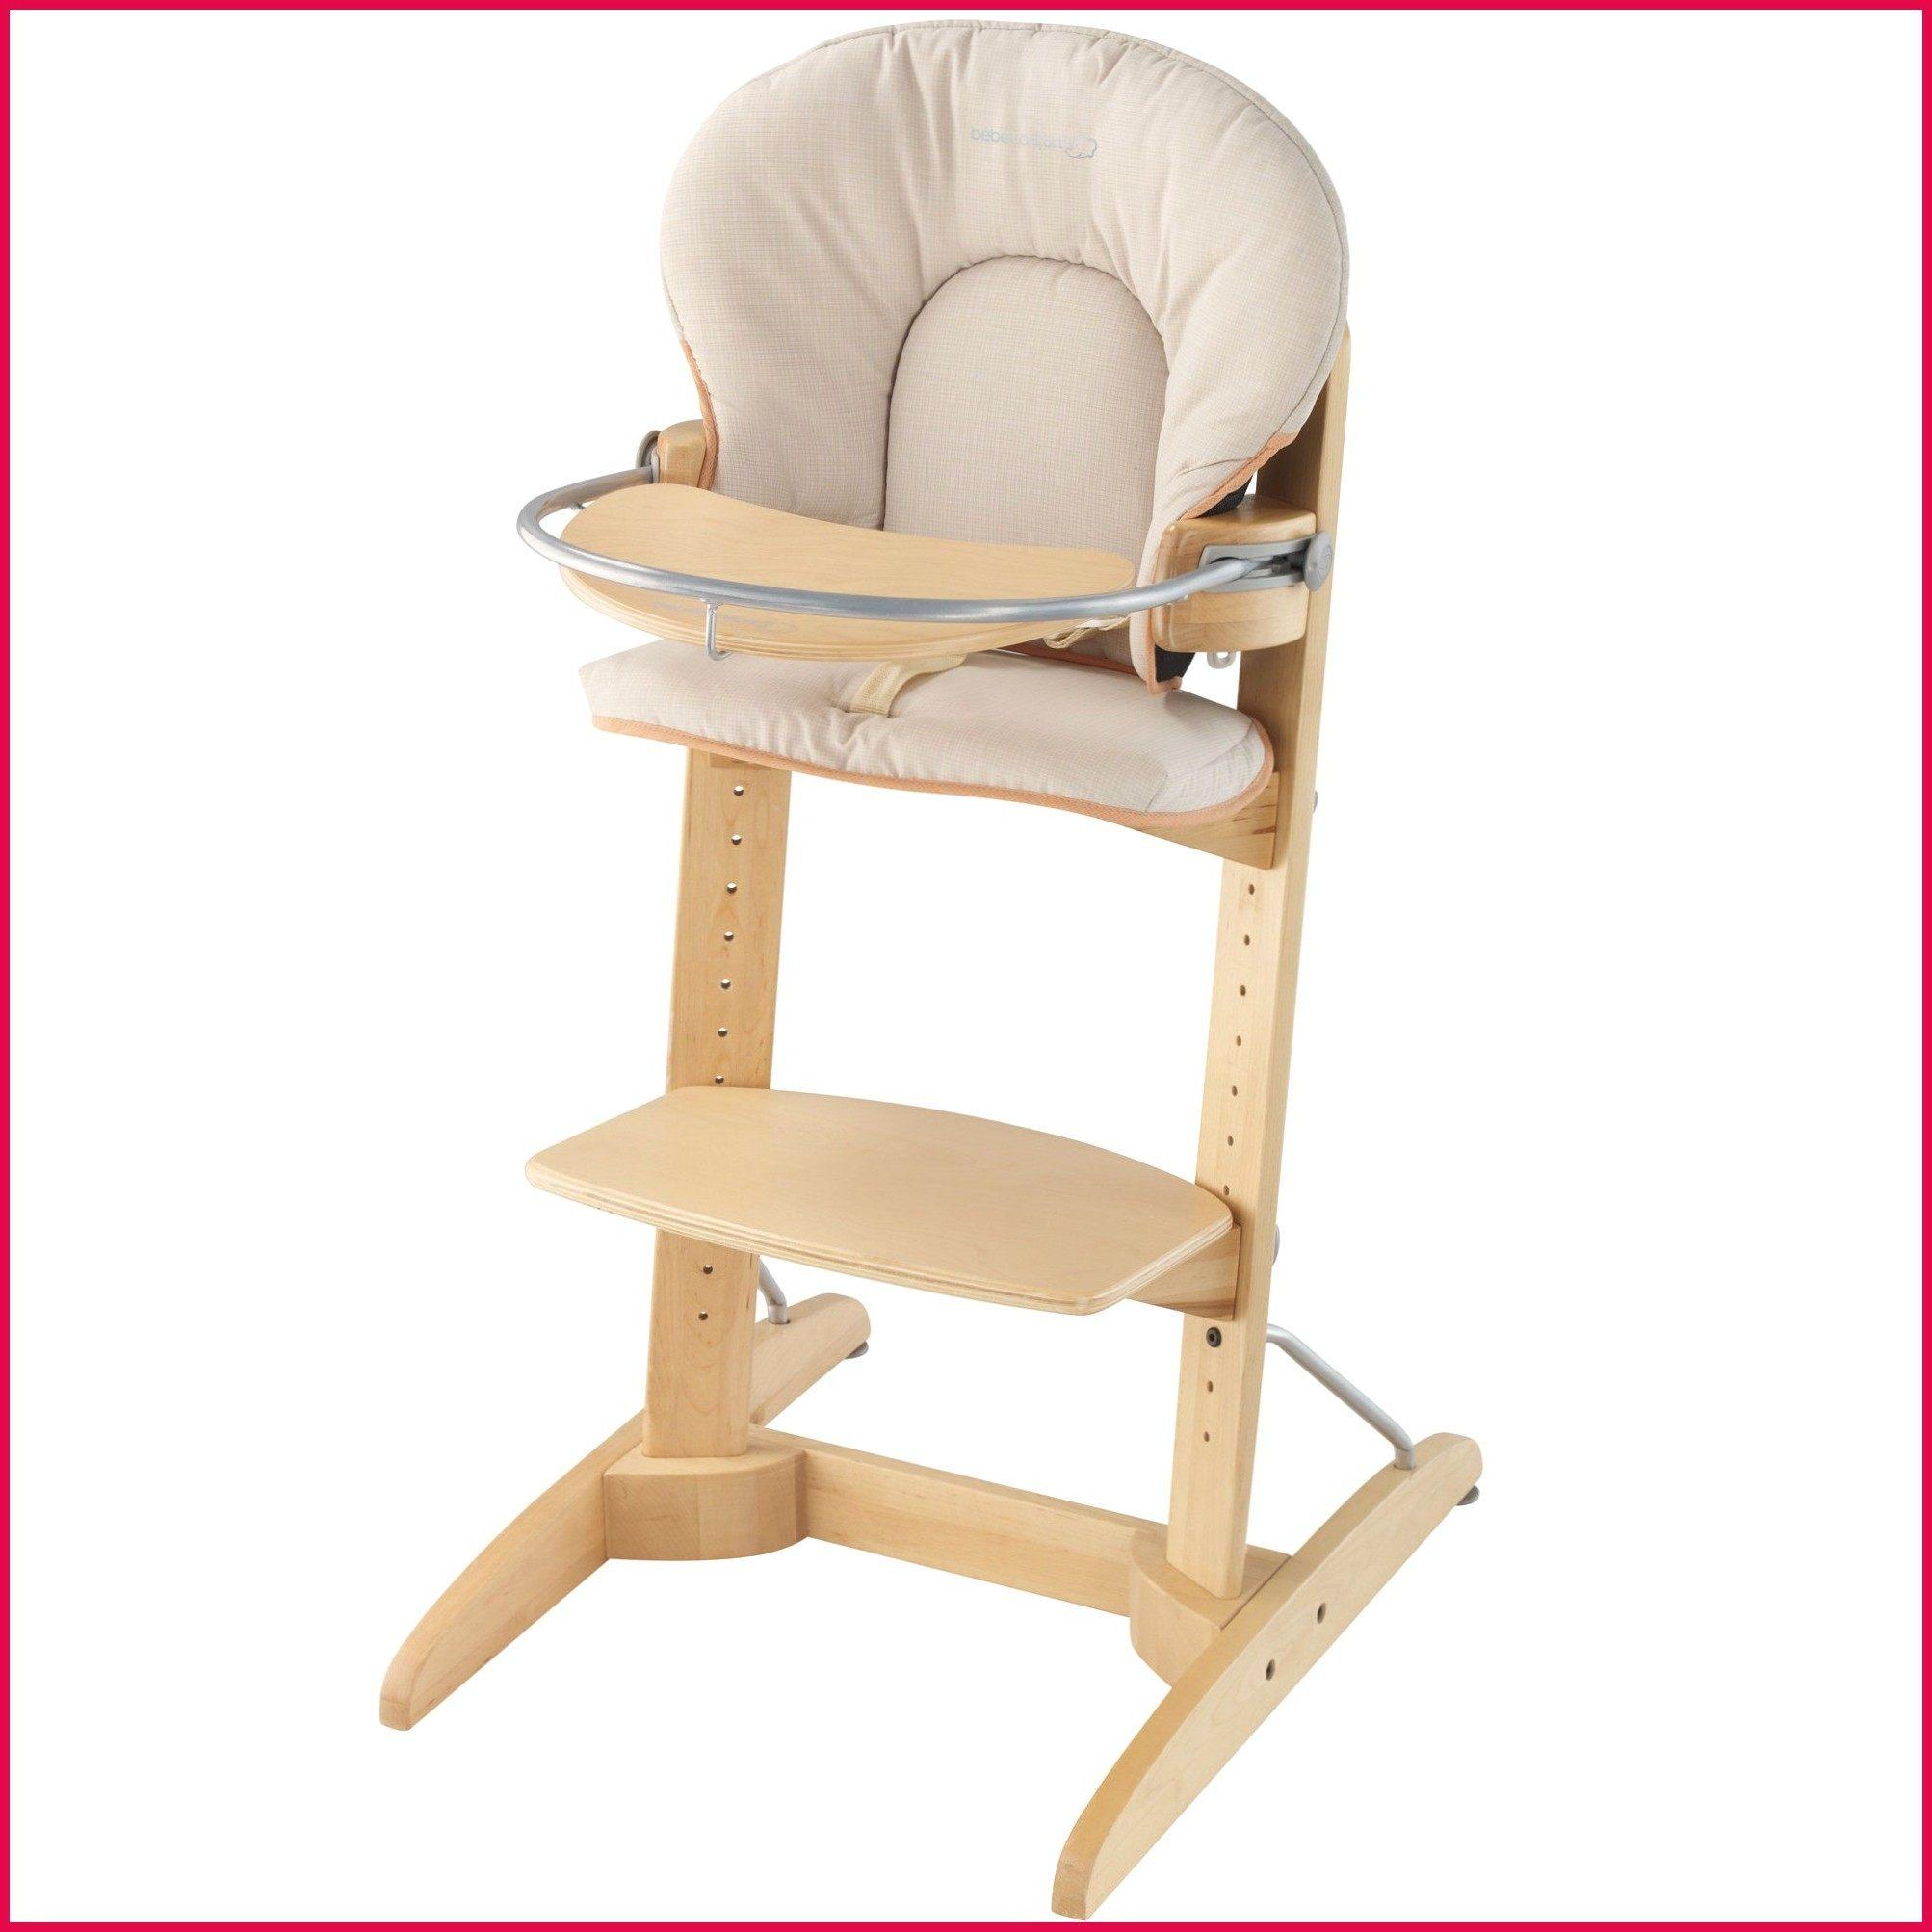 Lit De Voyage Pour Bébé Inspiré Chaise Haute Pliante Bébé Inspirational Chaise Chaise Haute Pliante